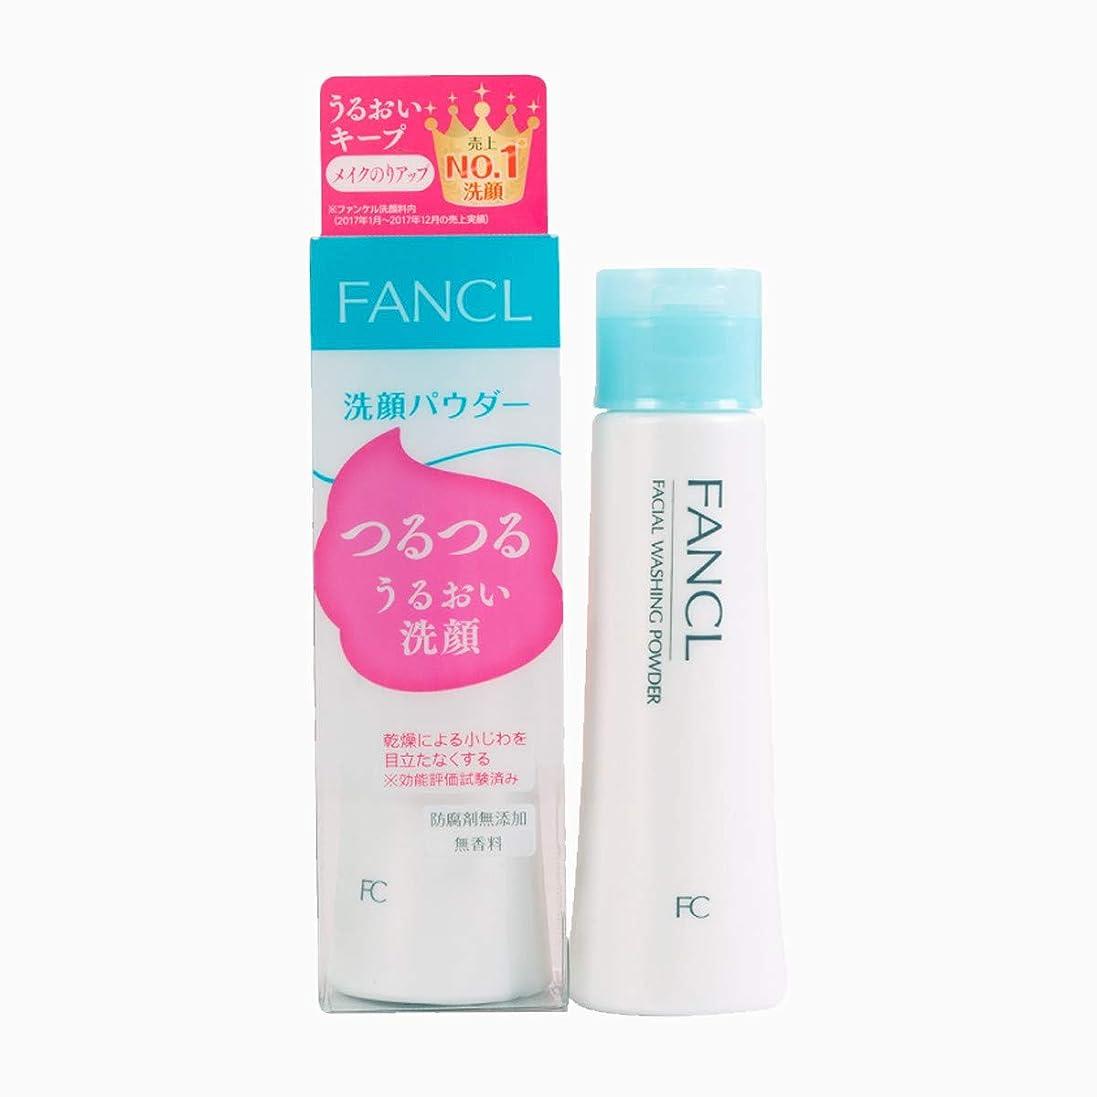 ポスターゴシップ誓約FANCL ファンケル 洗顔パウダー 50g【24入りケース】